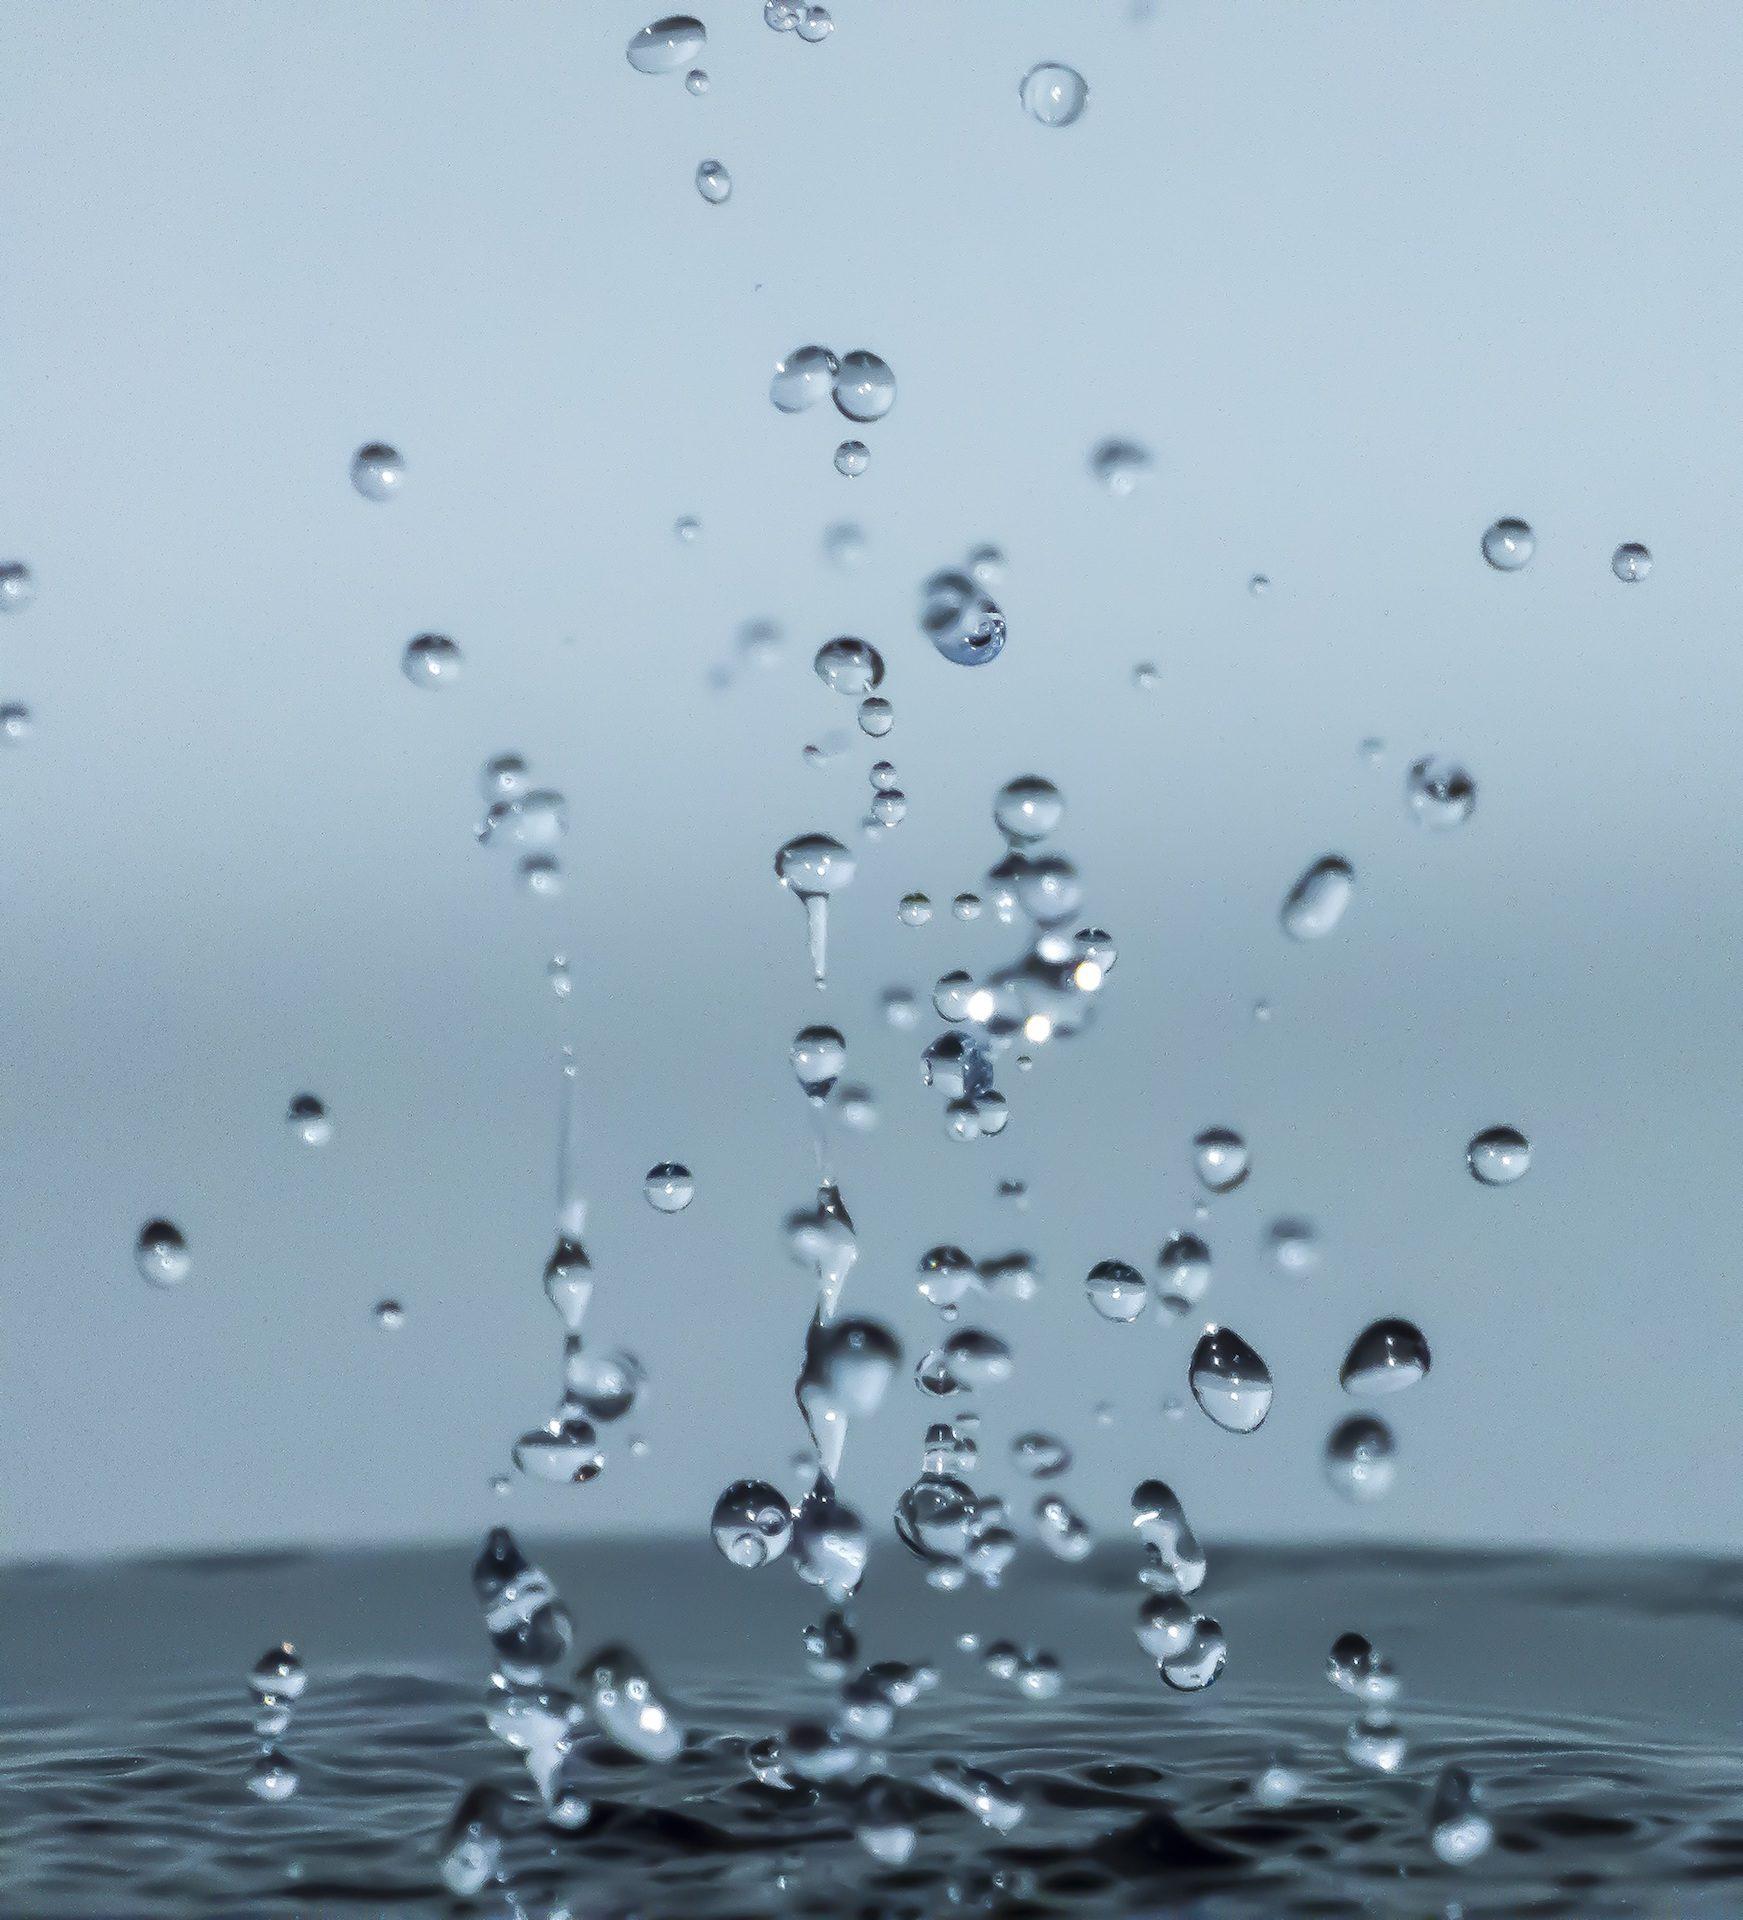 σταγόνες, νερό, βουτιά, βροχή, πτώση - Wallpapers HD - Professor-falken.com